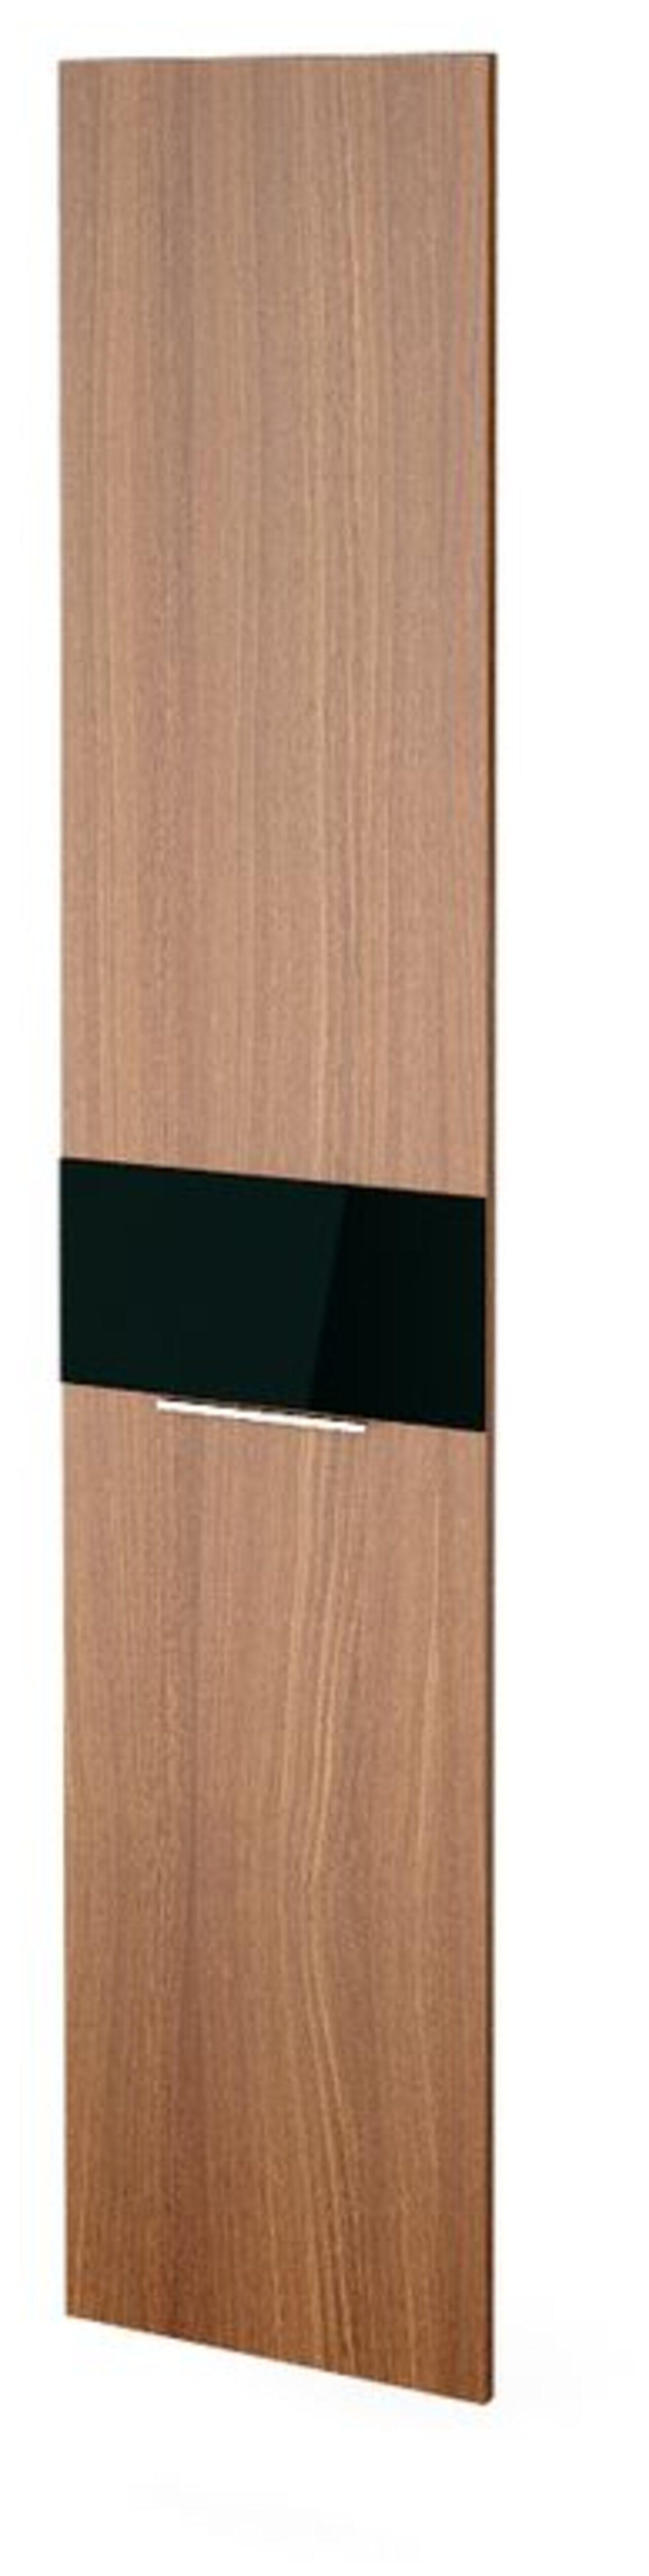 Дверь правая - фото 3